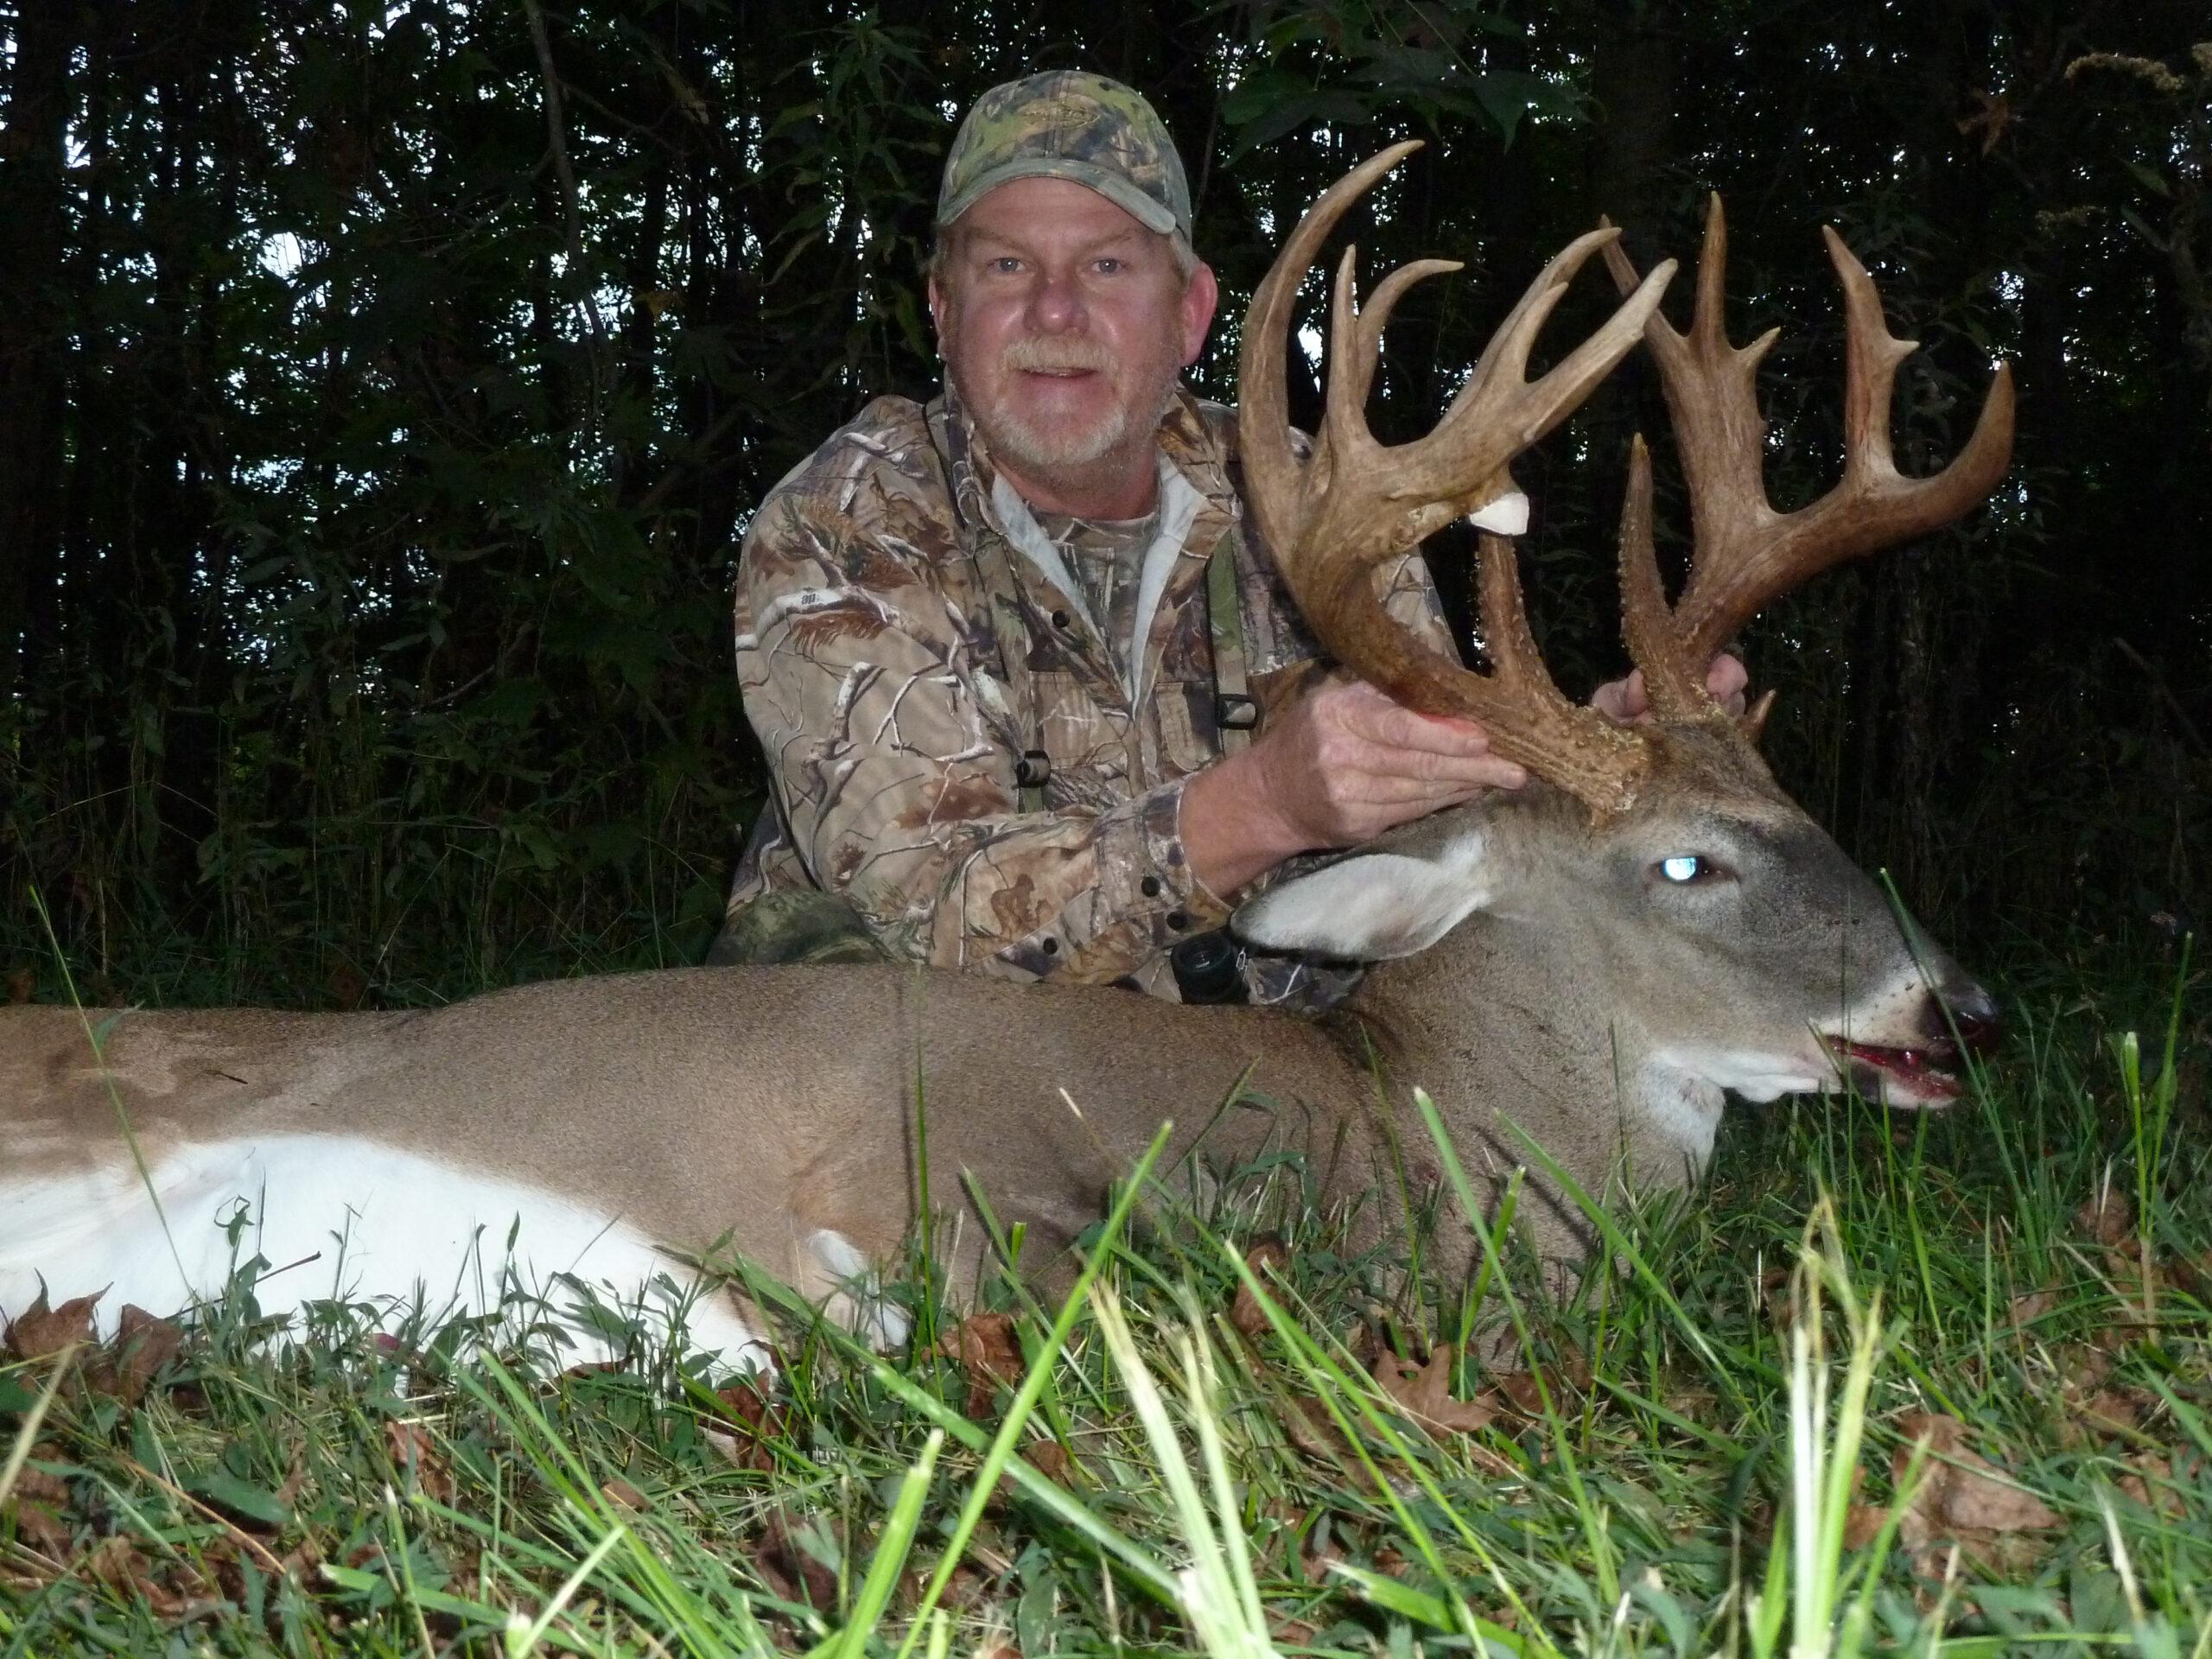 Rack Report: 180-Inch 'Bama Bow Kill | Deer Hunting with regard to Michigan Deer Rut 2021